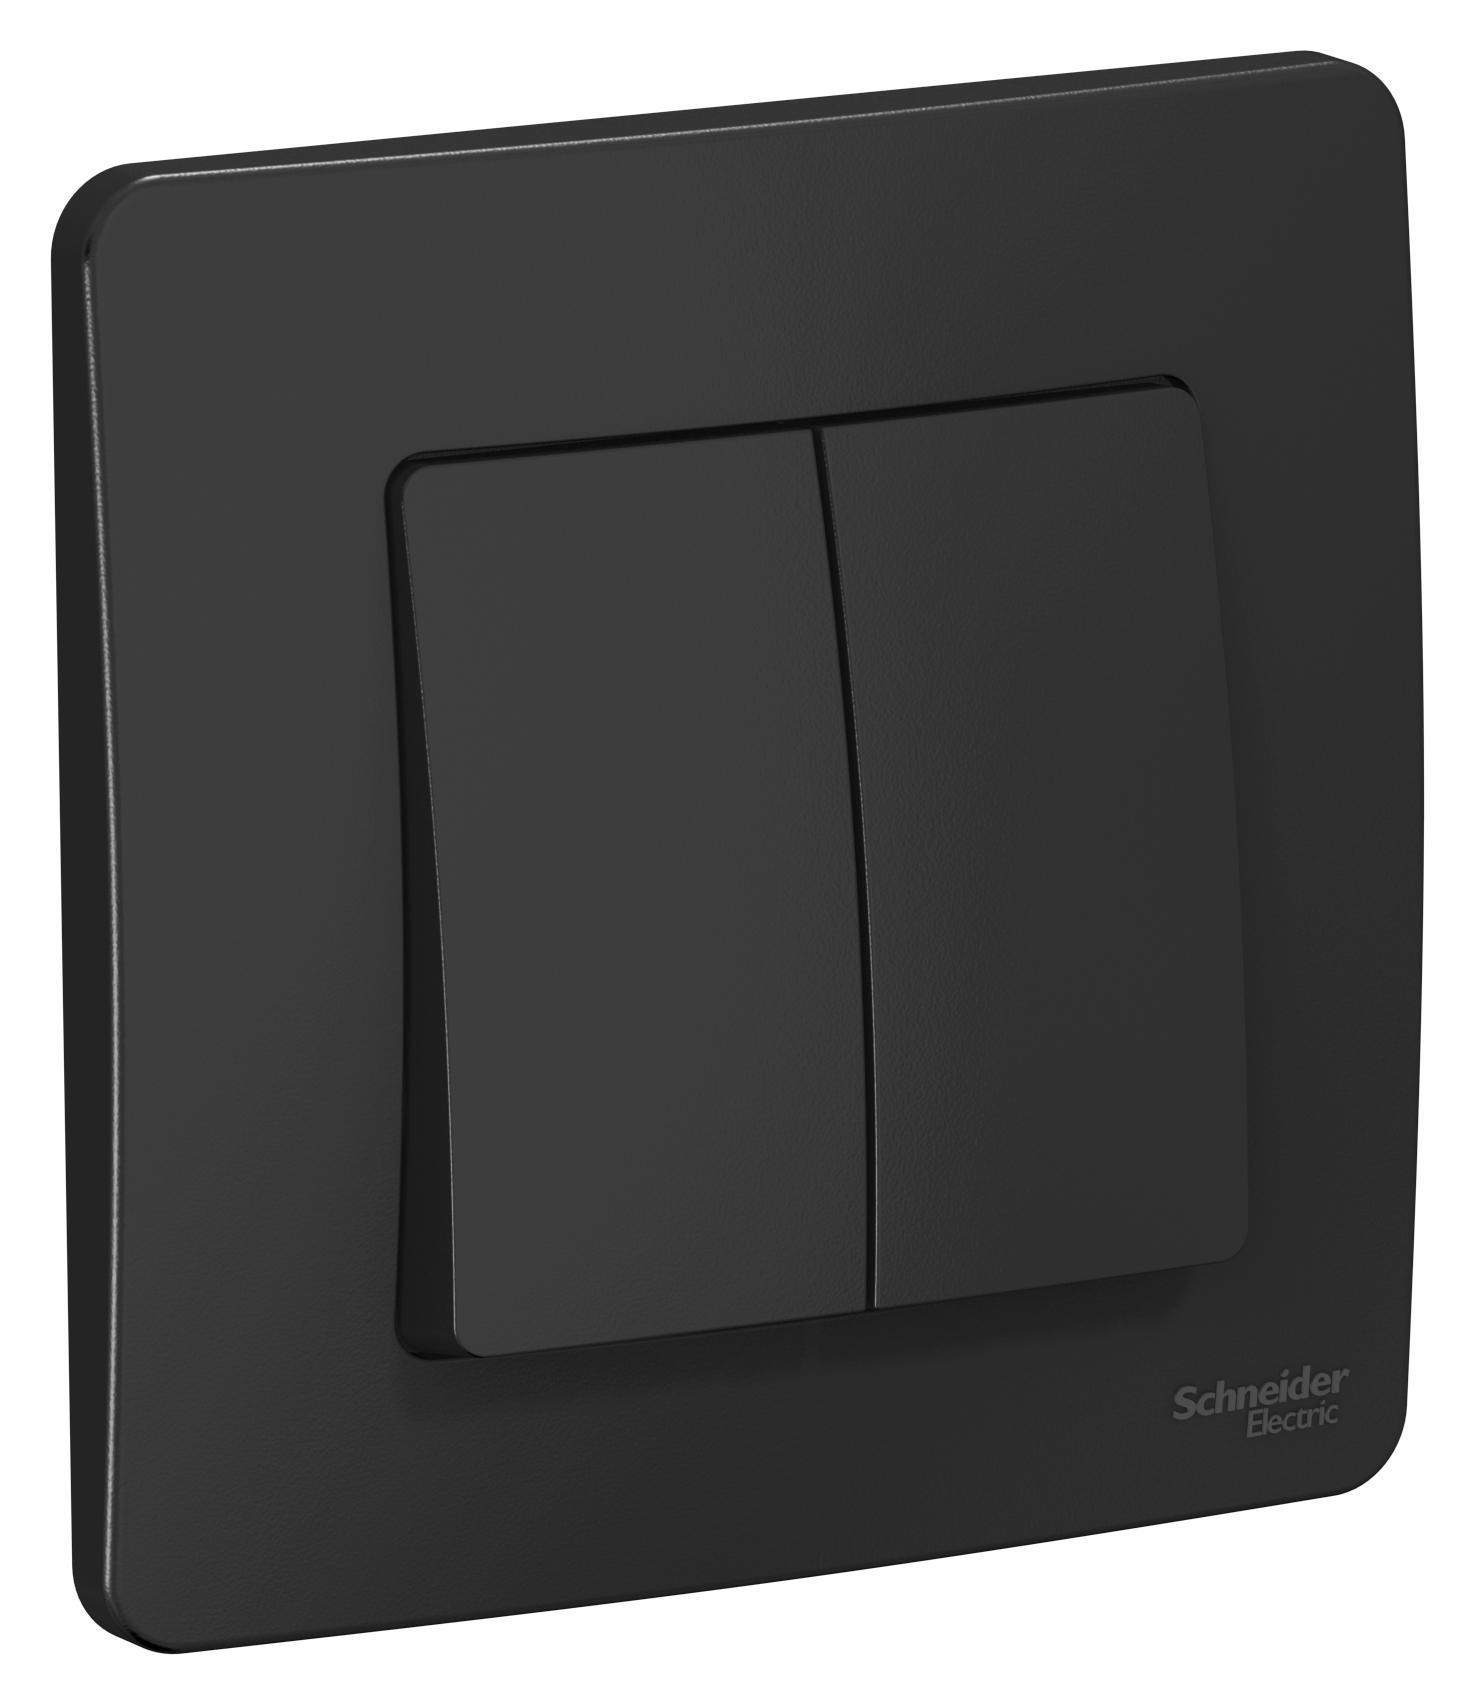 Купить Выключатель Schneider electric Blnvs010506 blanca